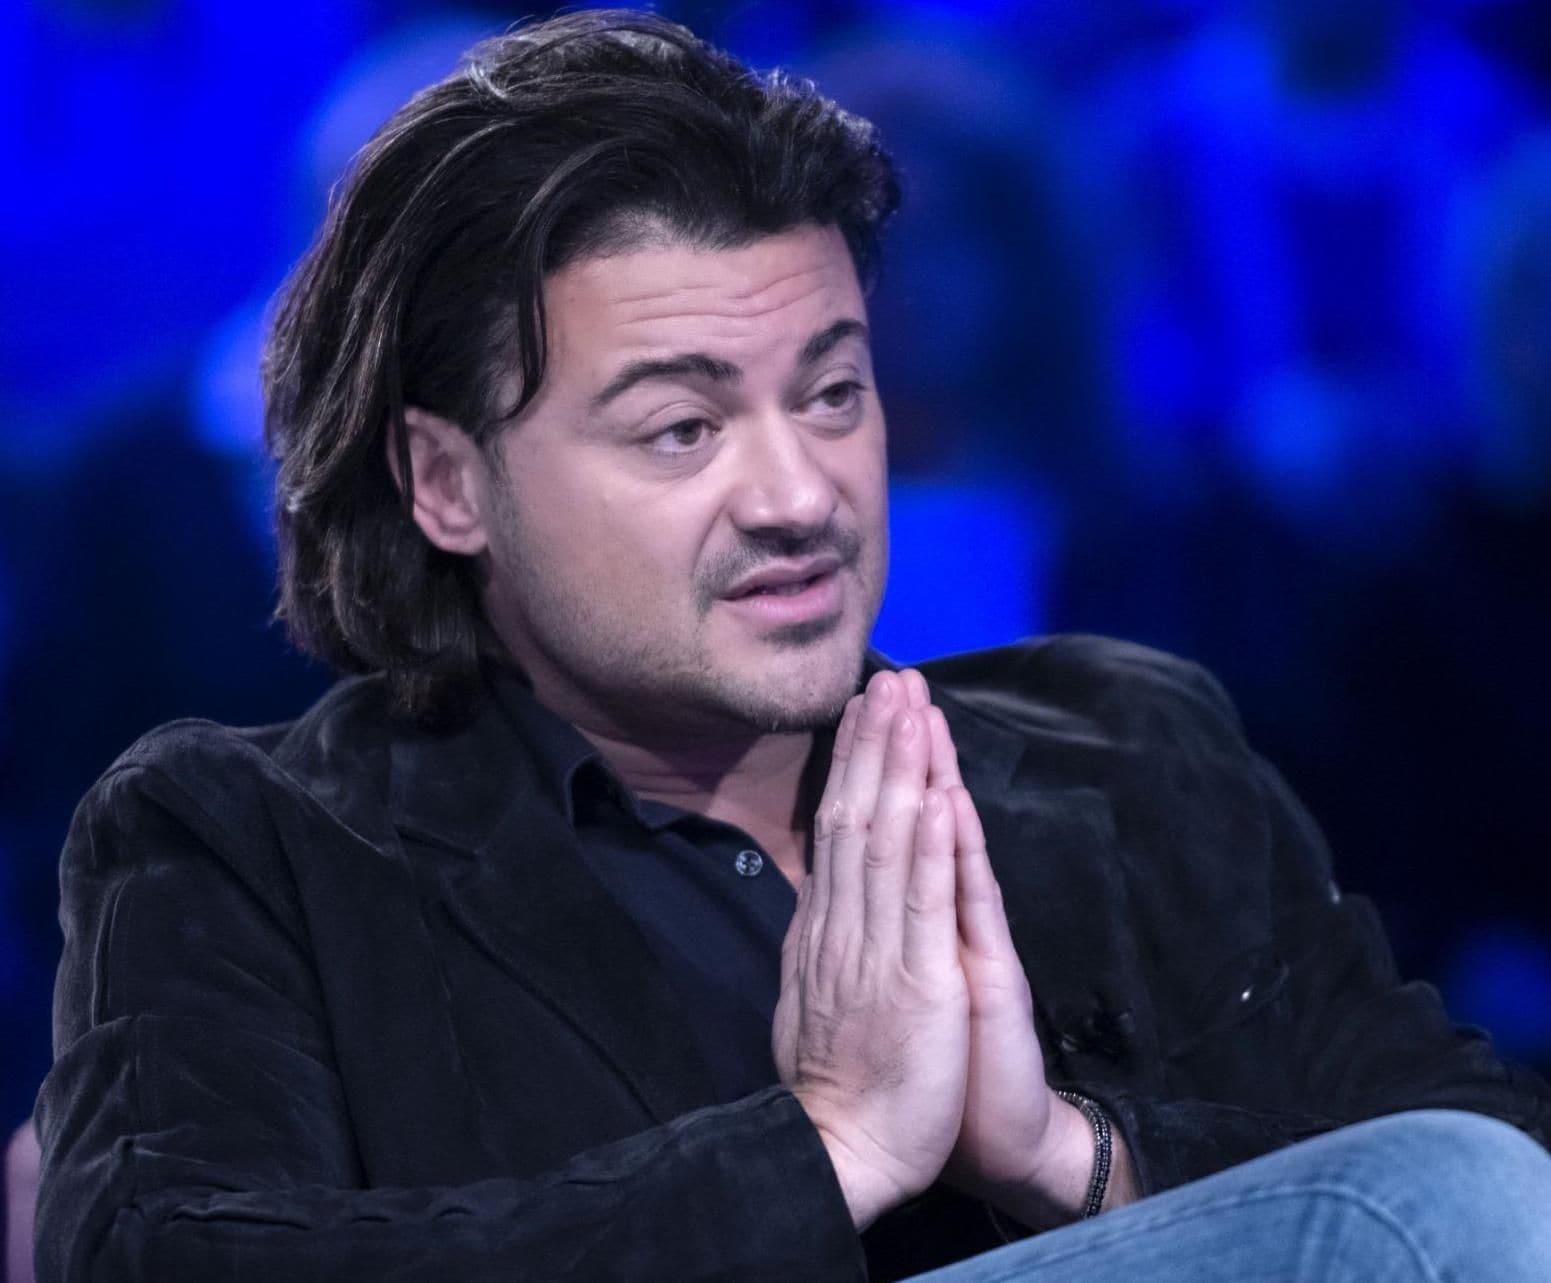 Grigolo a Verissimo parla dell'accusa di molestie: